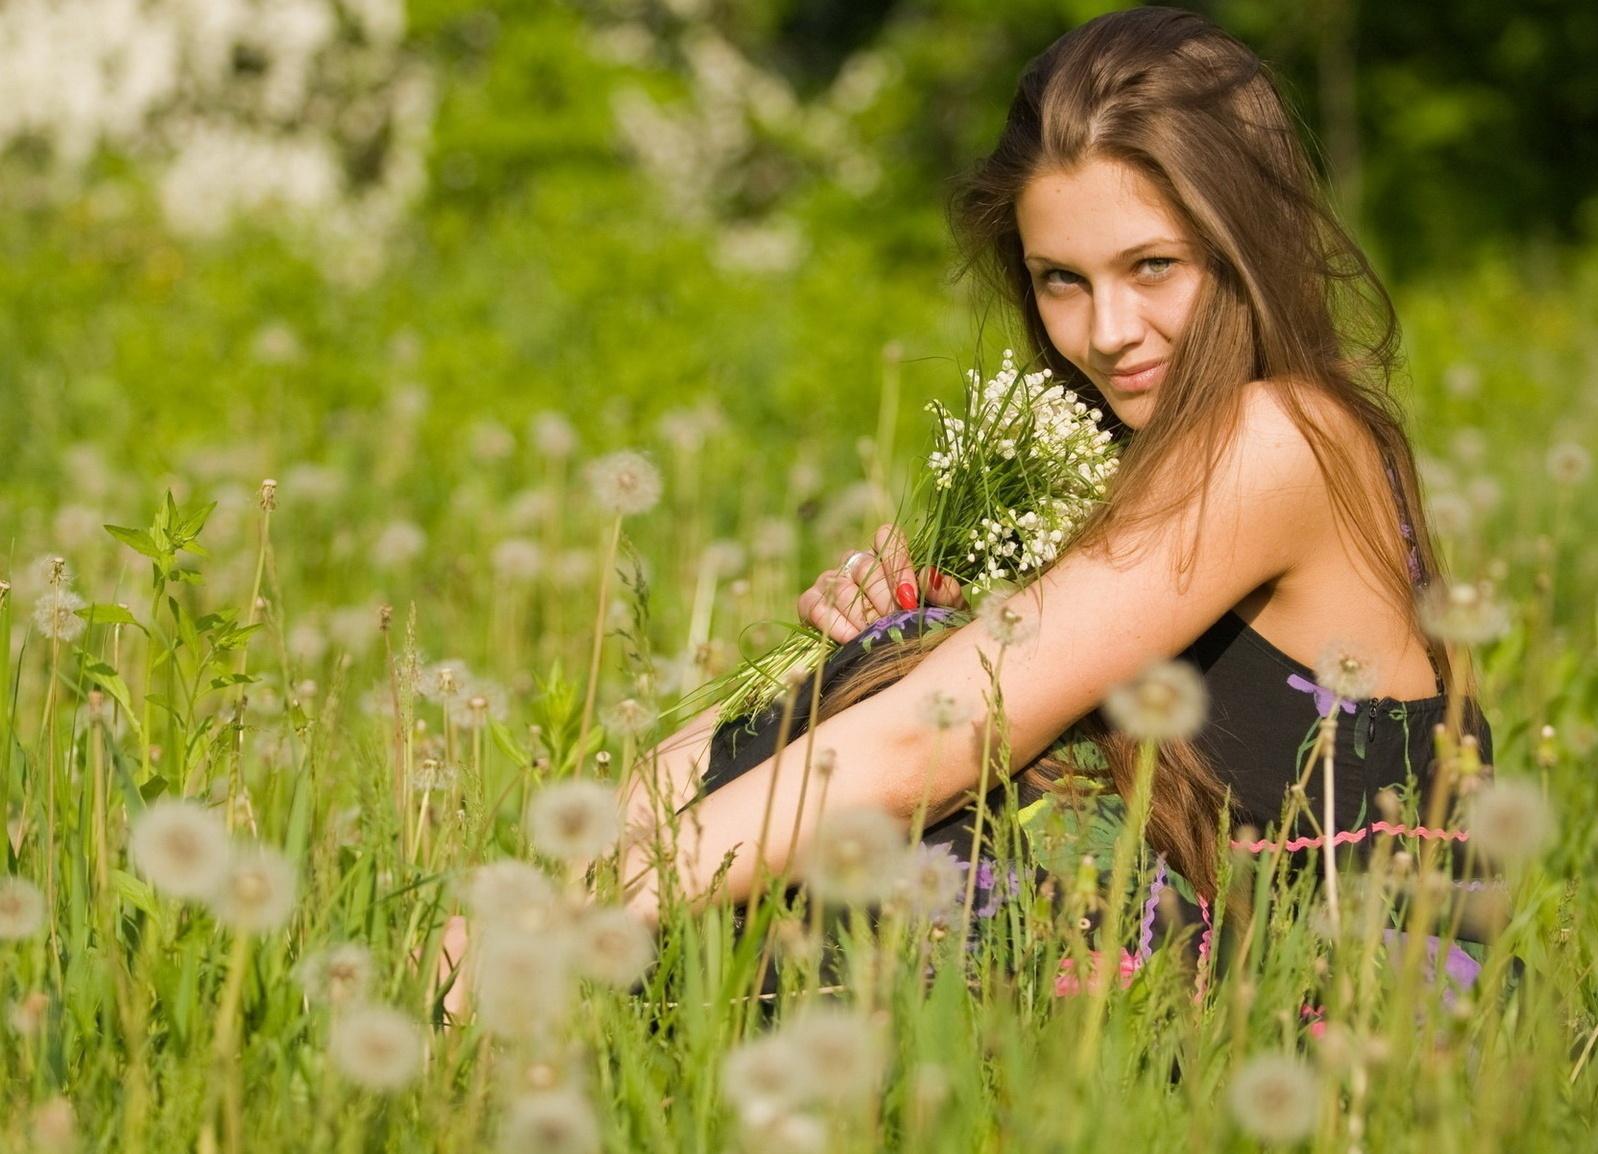 красивые позы для фото на природе